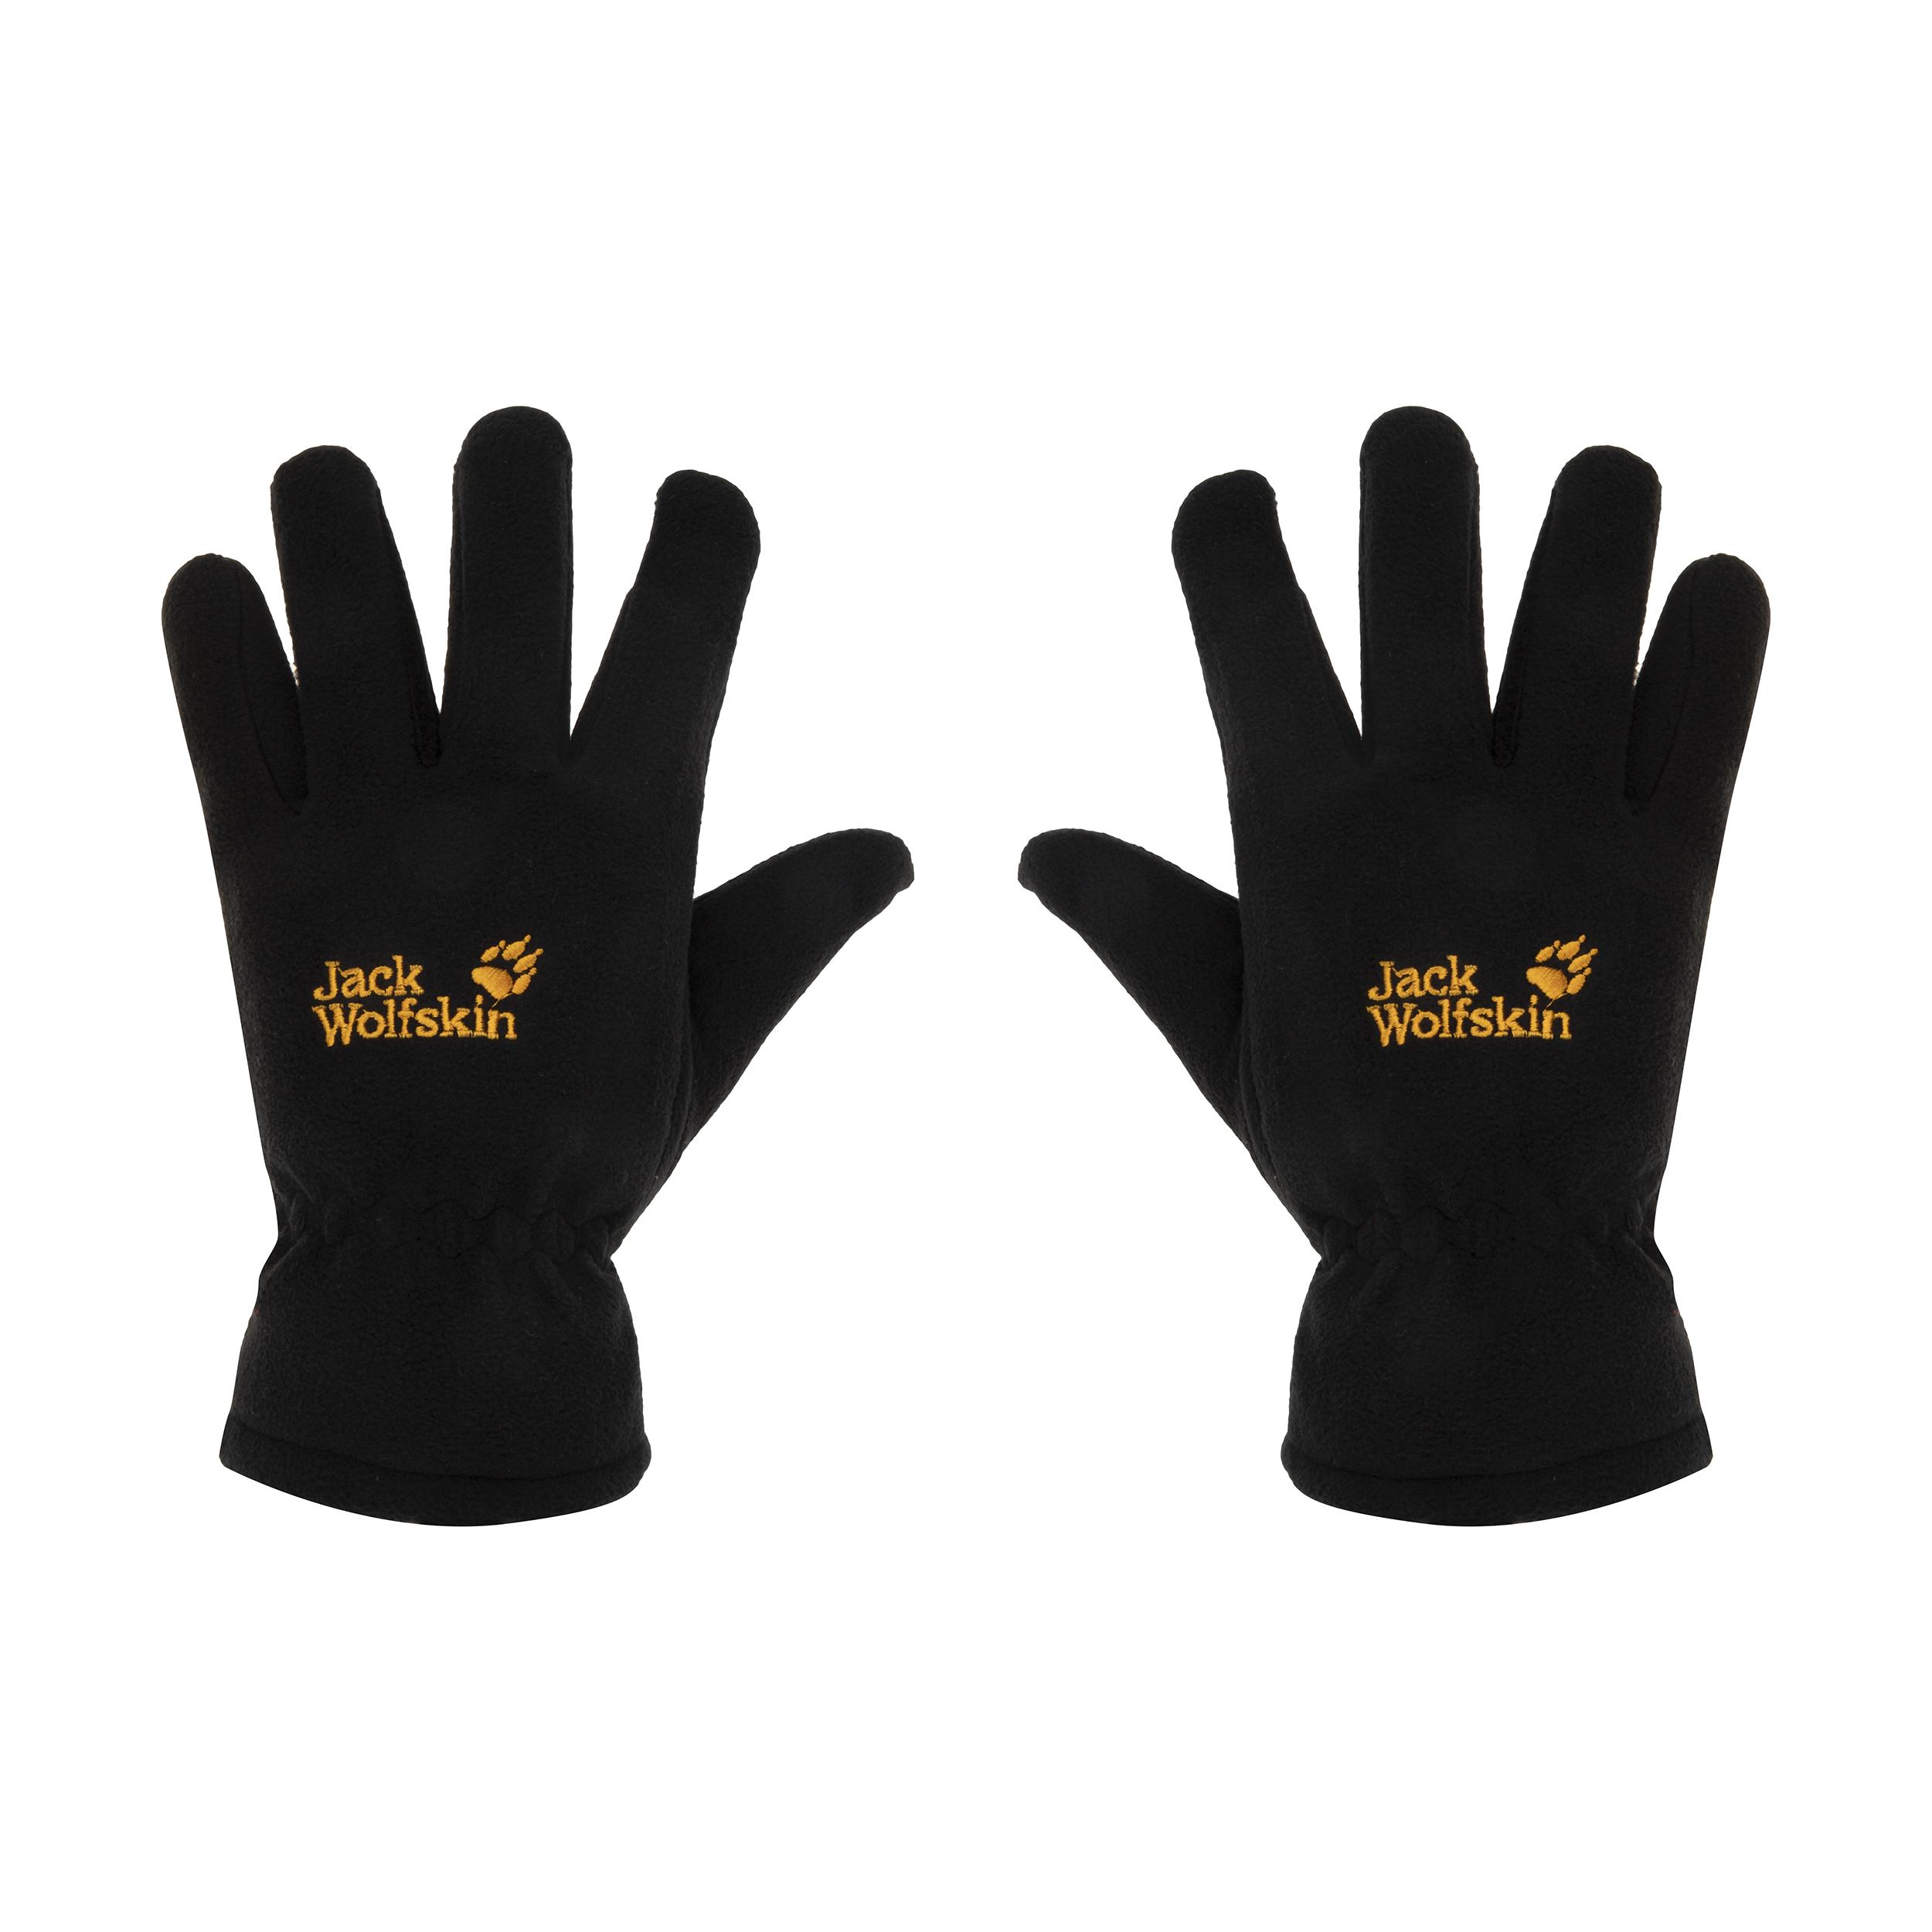 دستکش ورزشی جک ولف اسکین کد  M-1569